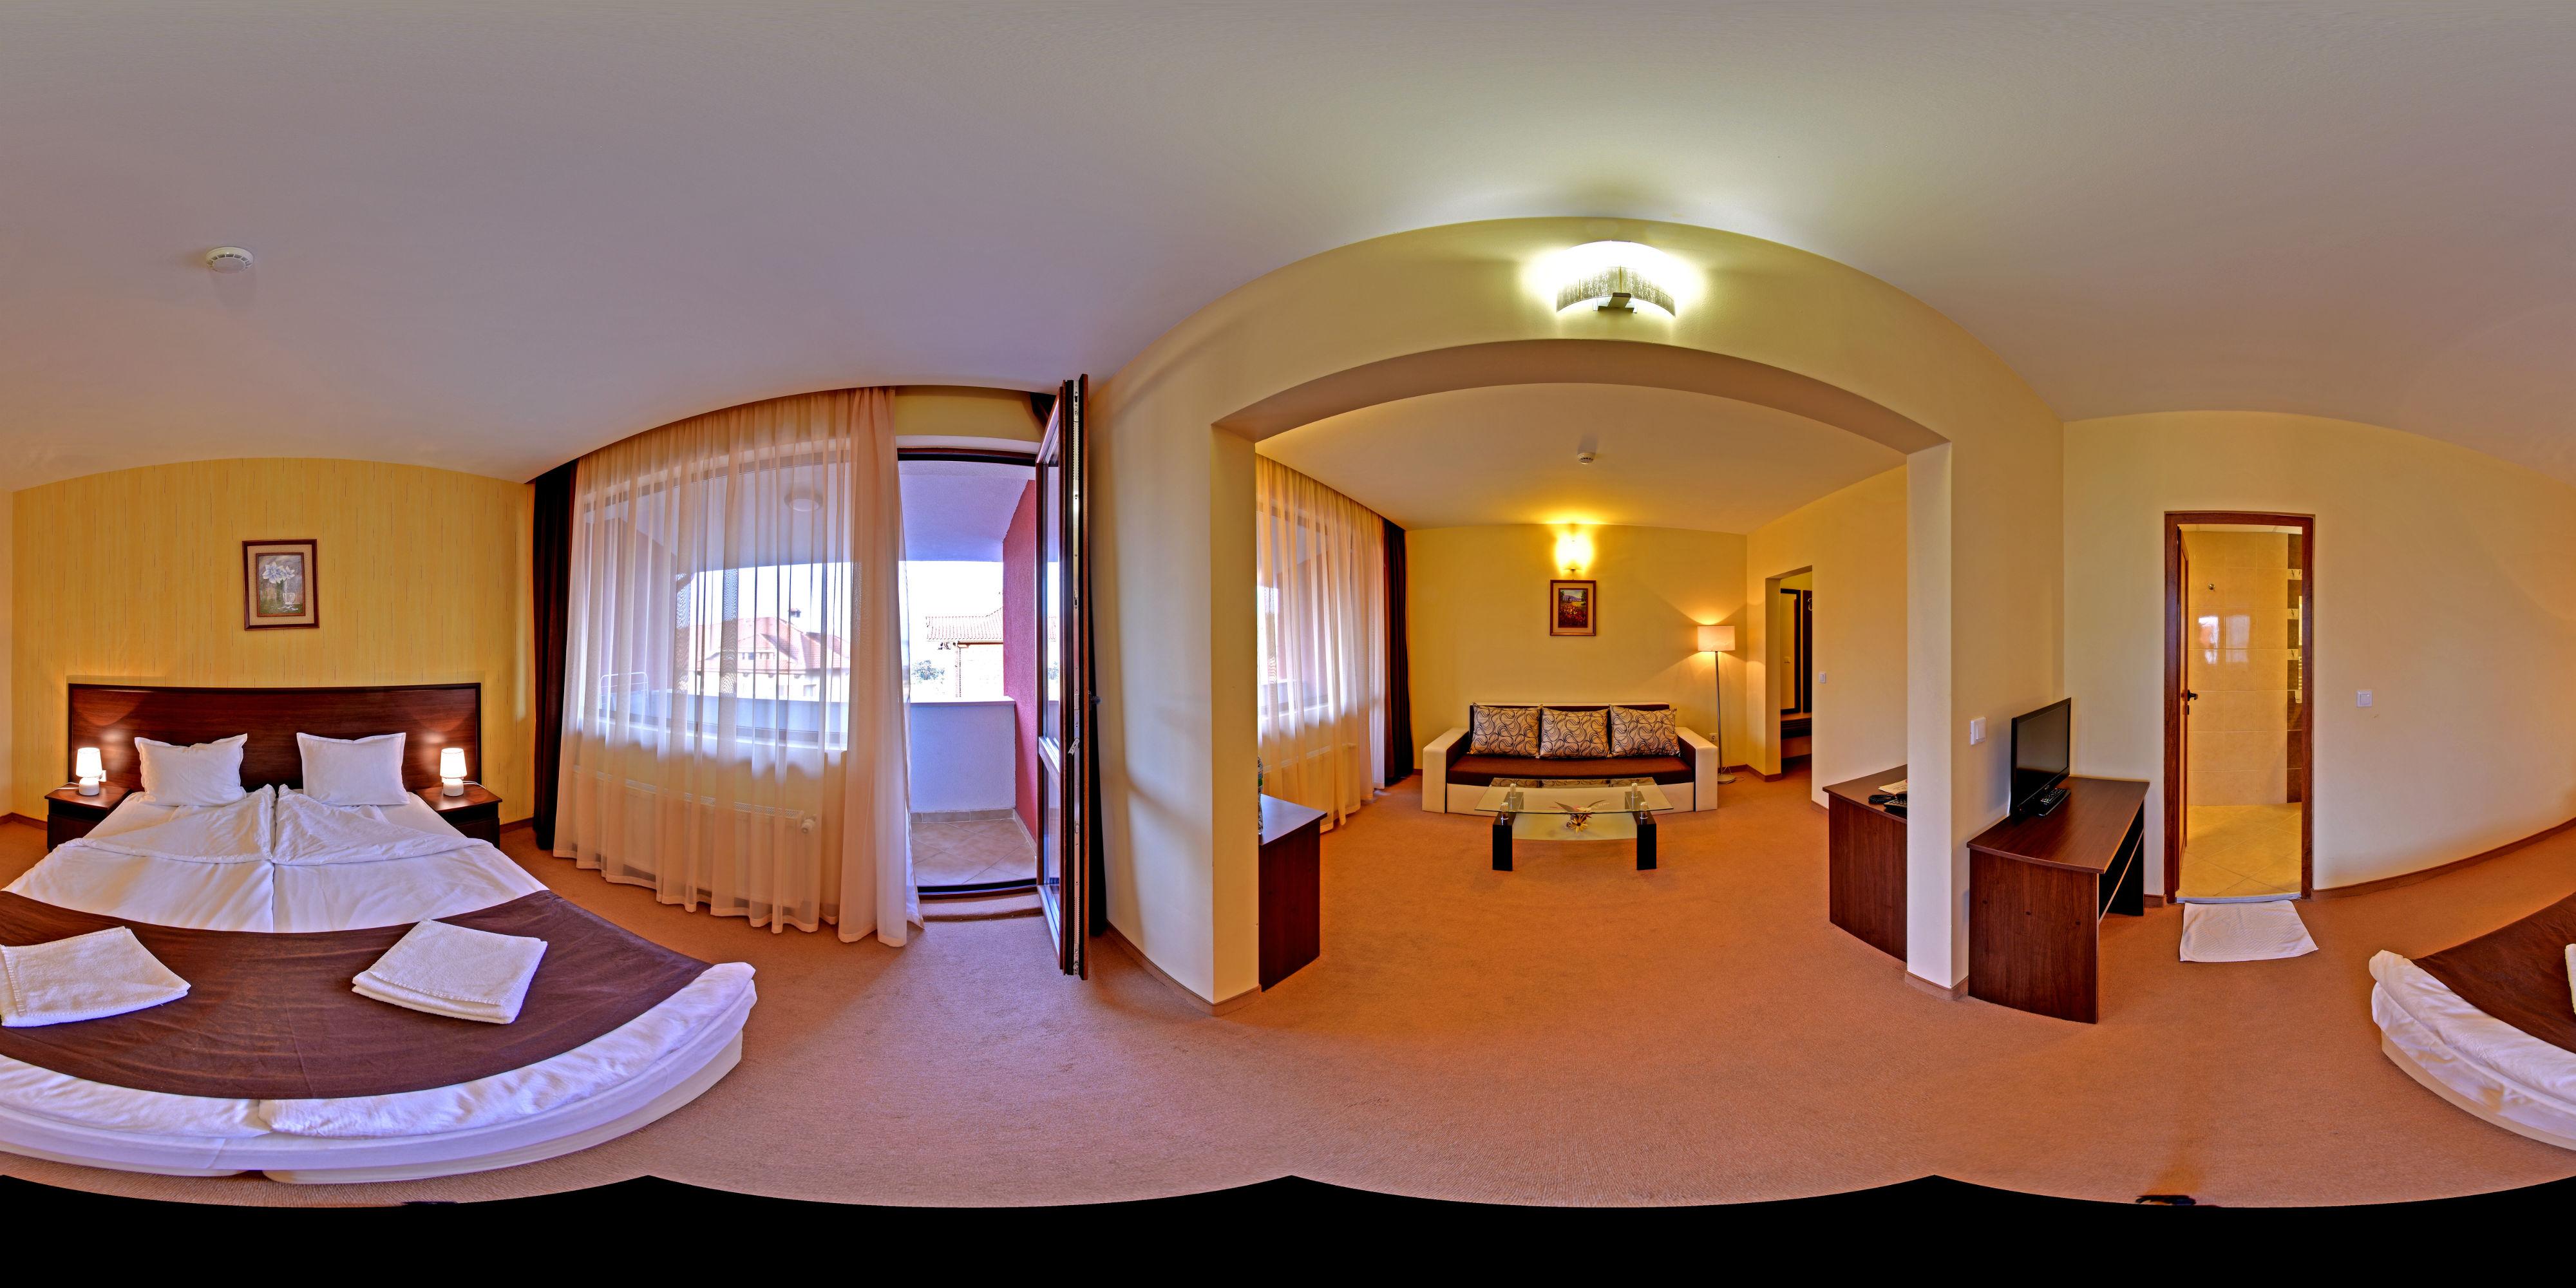 dsc_8492-panorama